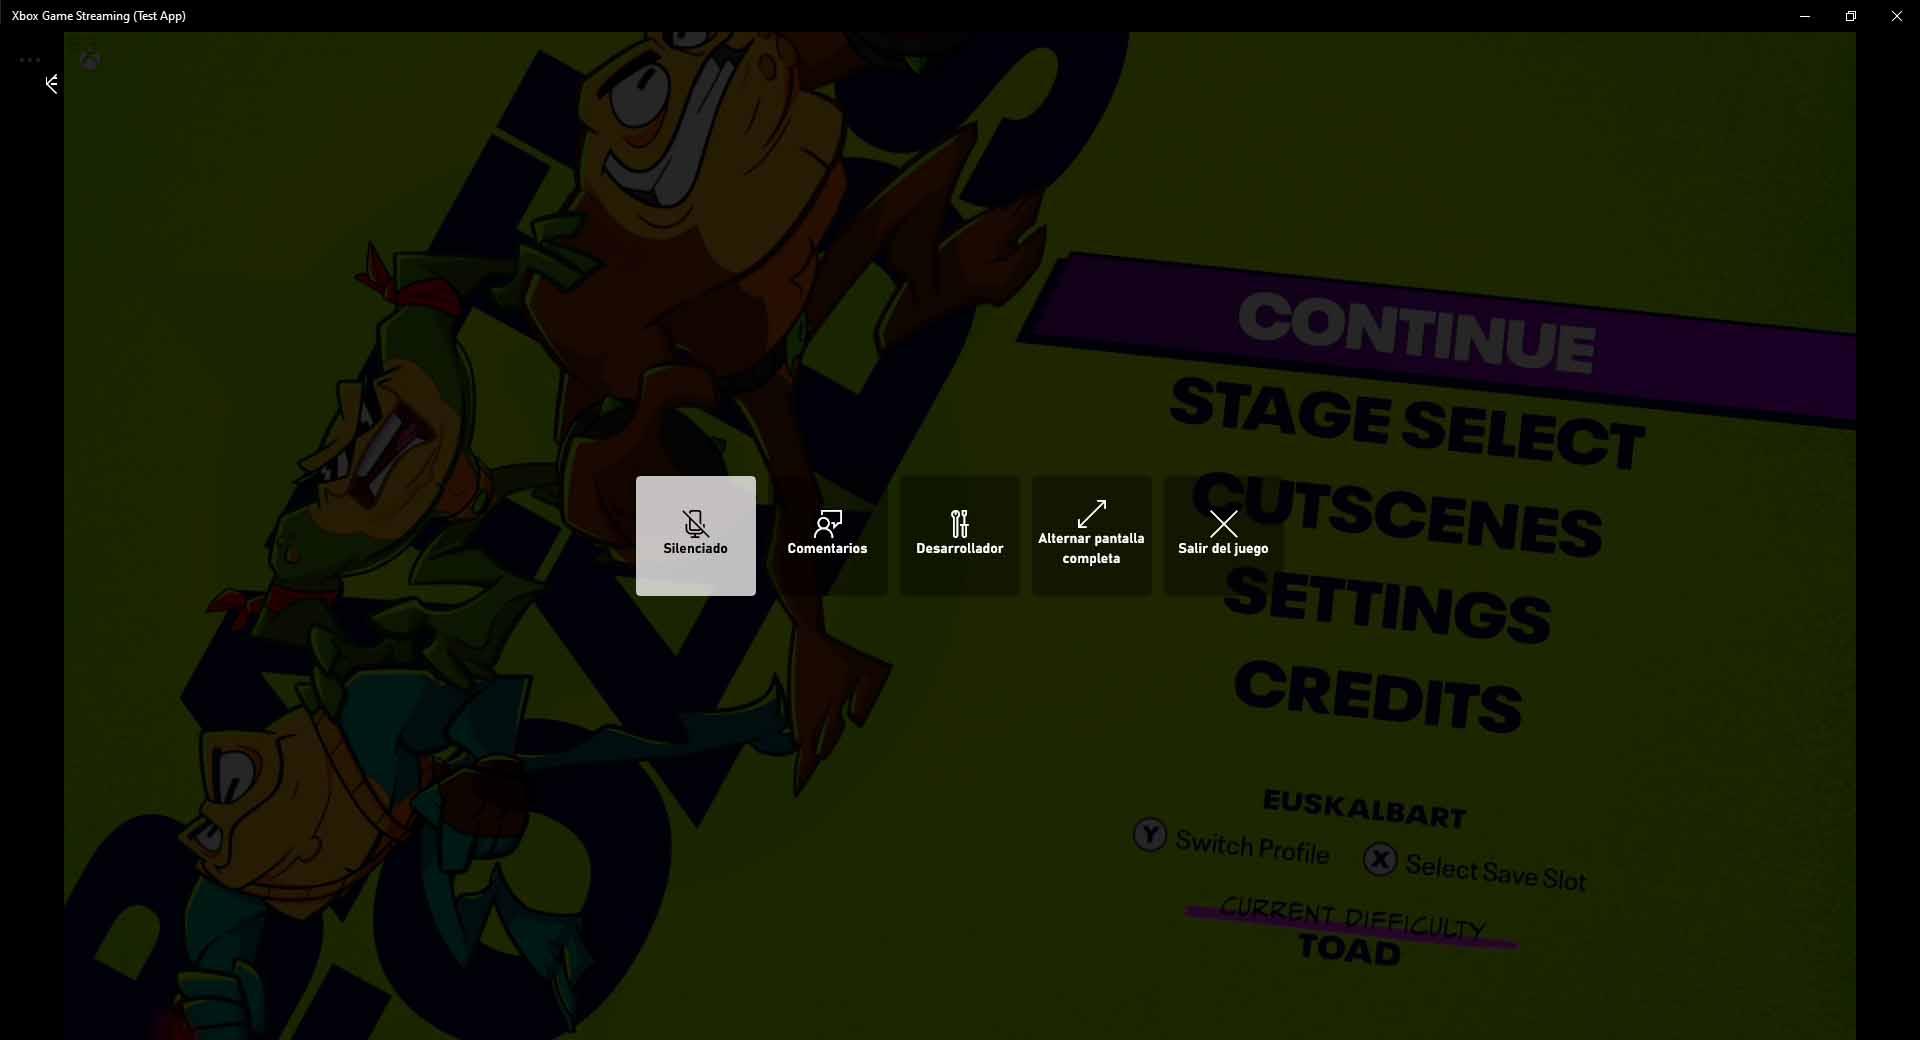 Te explicamos cómo descargar la aplicación Xbox Game Streaming de PC y jugar a xCloud 1